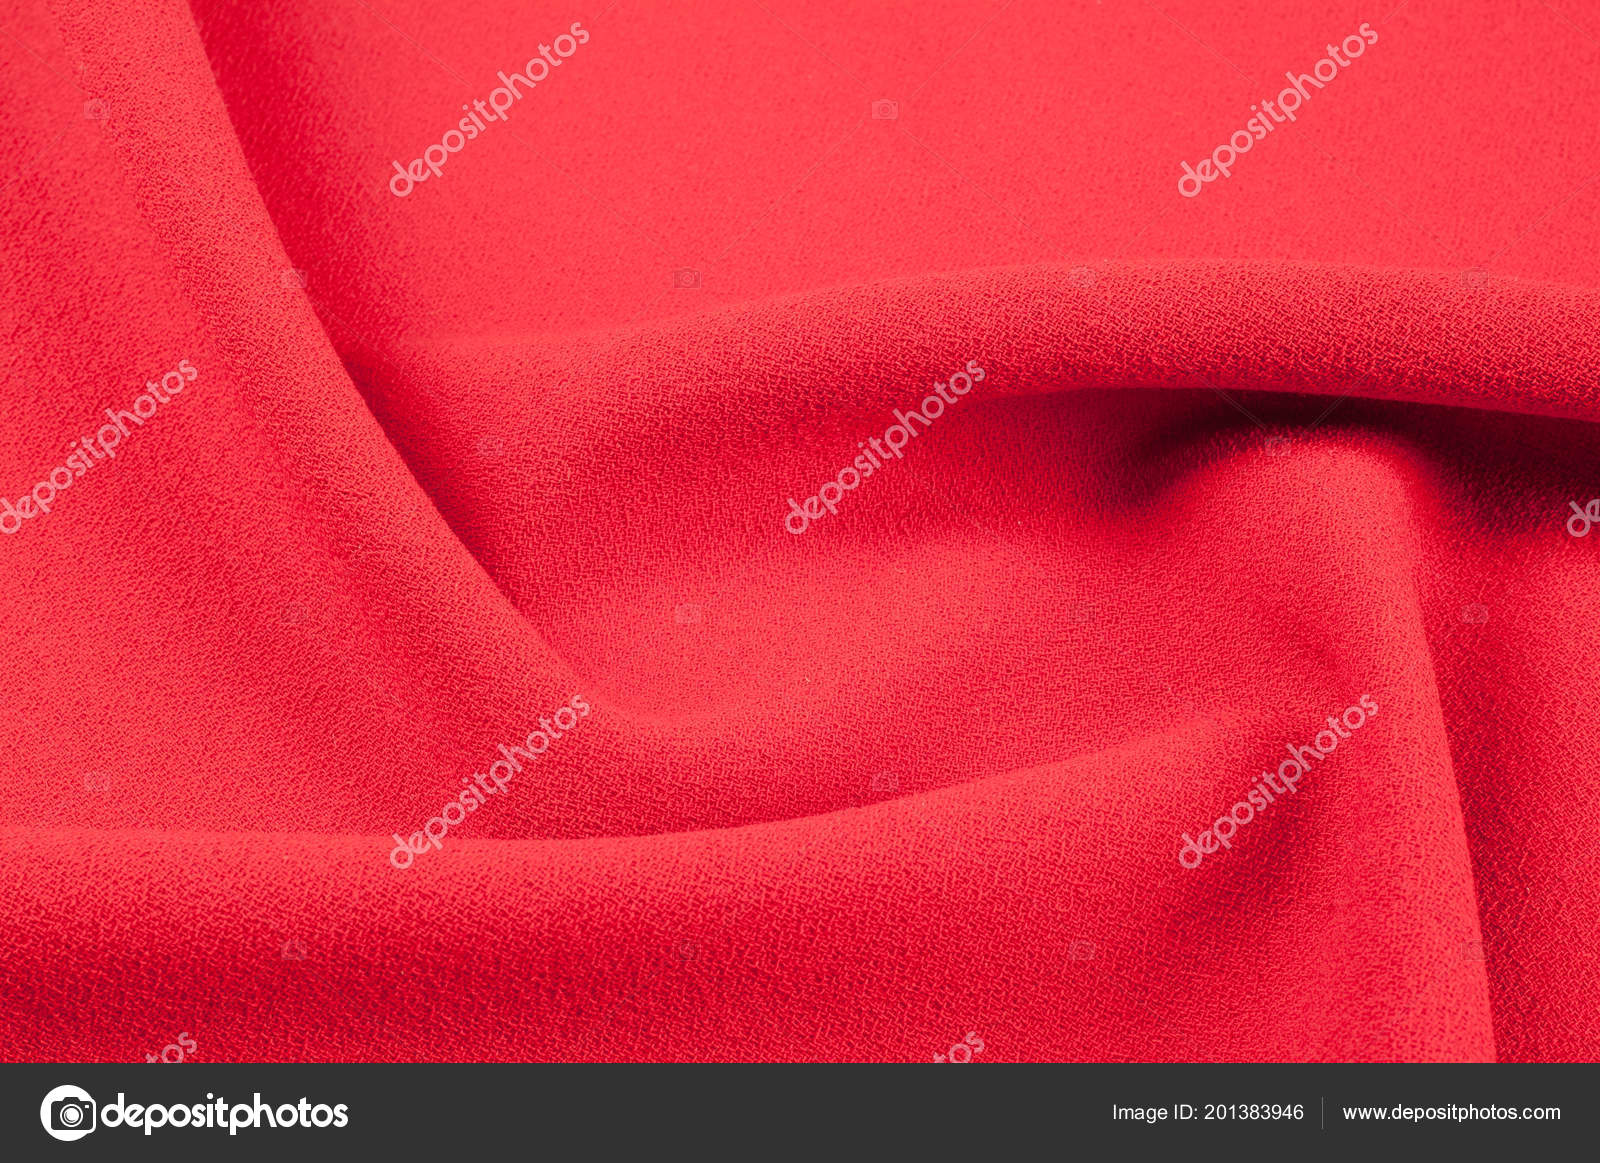 Piros kendő. Absztrakt piros háttér. Háttér piros absztrakt szövet vagy  folyadék-hullámok hullámos selyem redők illusztrációja — Fotó szerzőtől  ekina1 12aa8a5d4a